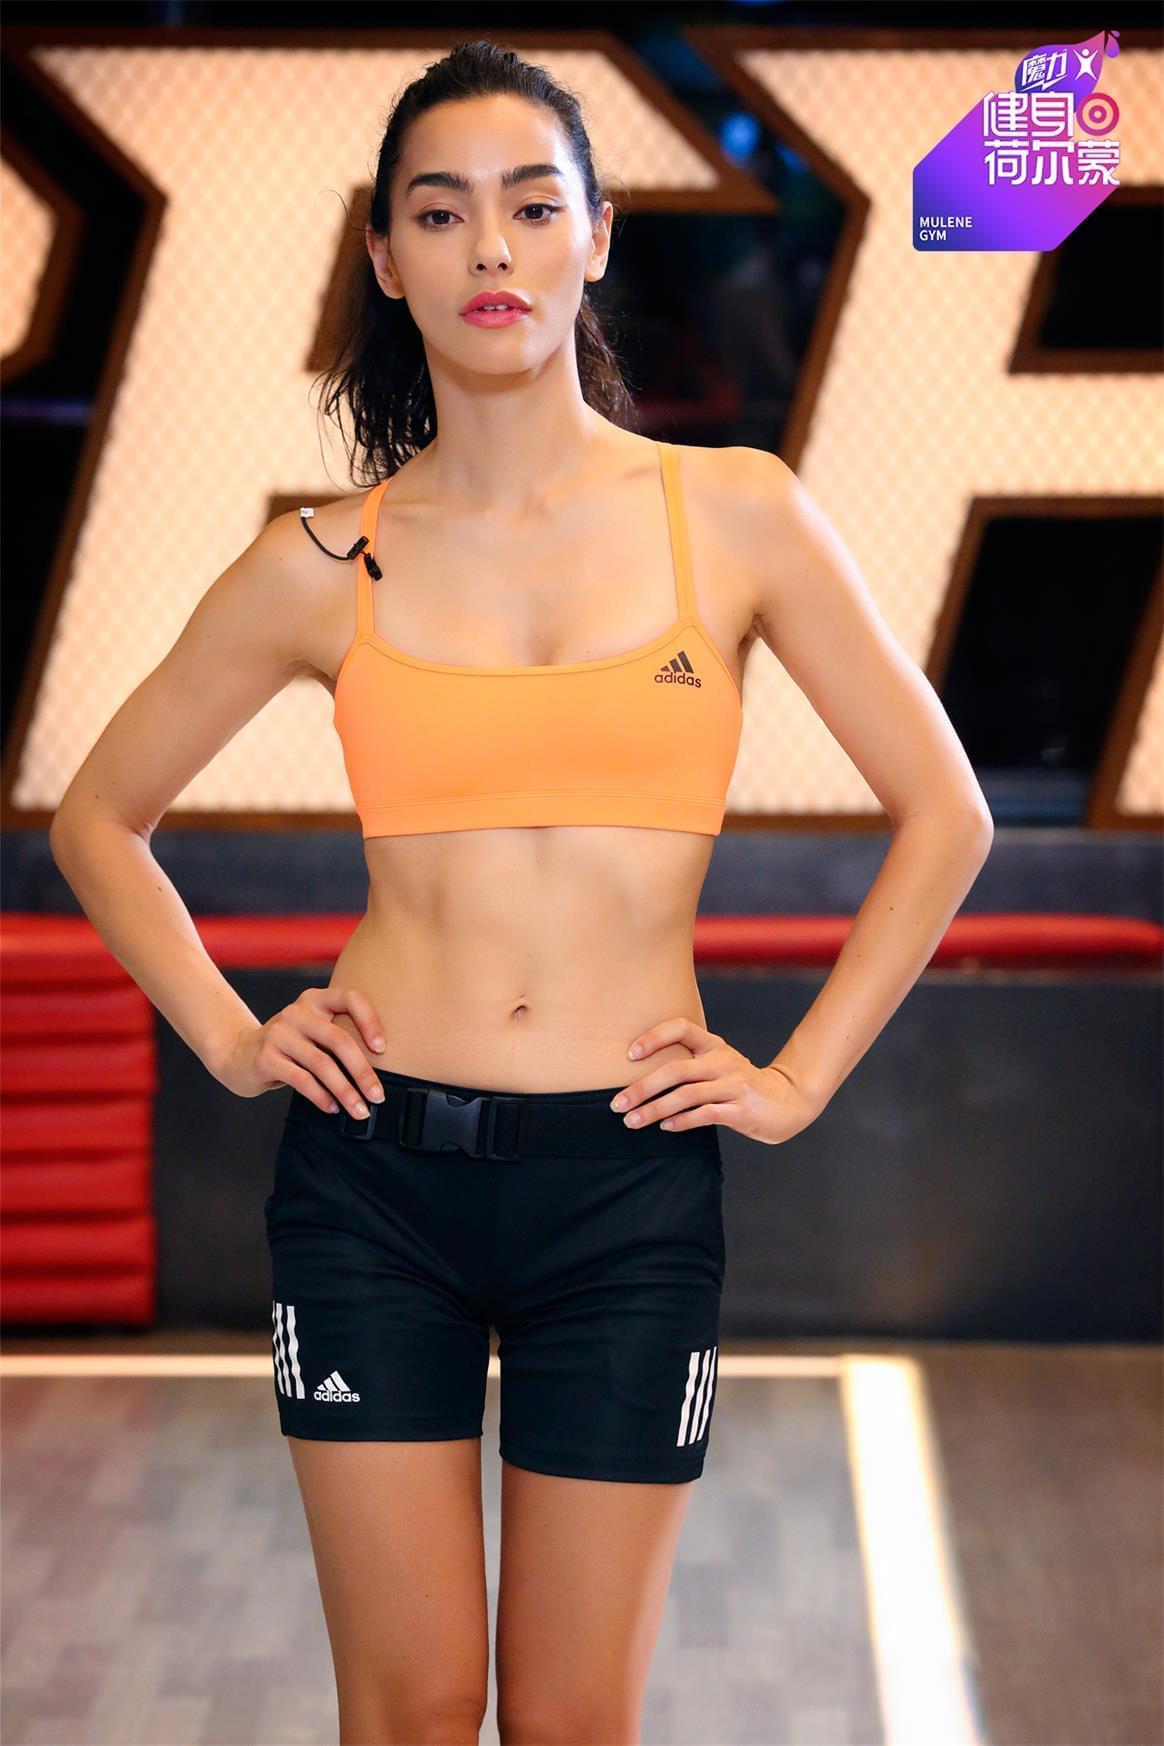 流汗女神AdrianneHo健身荷尔蒙趣味与专业并存